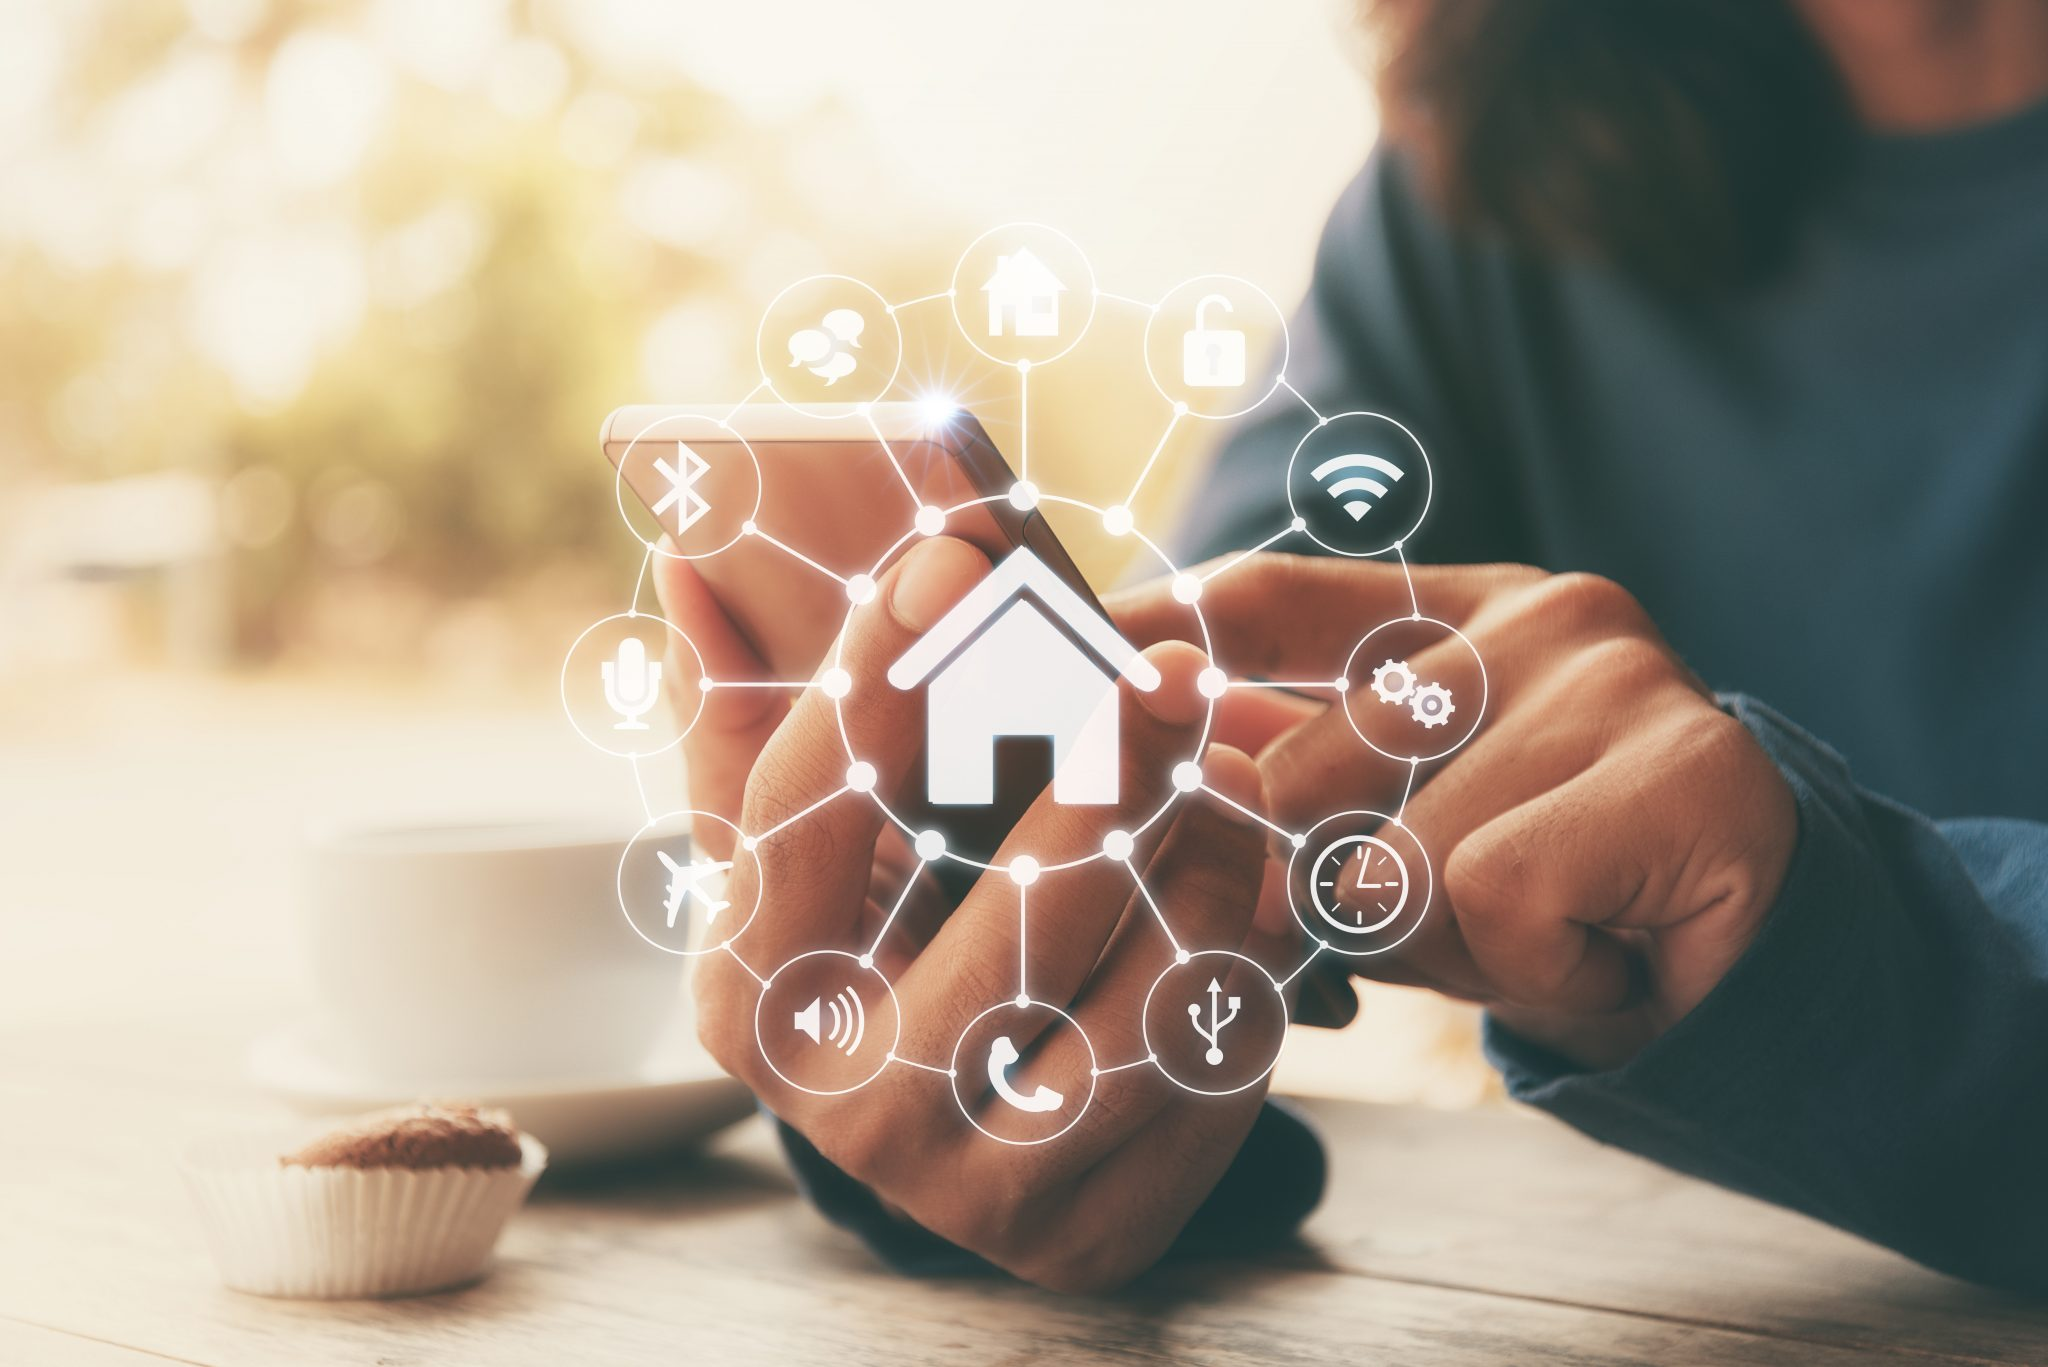 Agents immobiliers : comment utiliser efficacement les réseaux sociaux ?